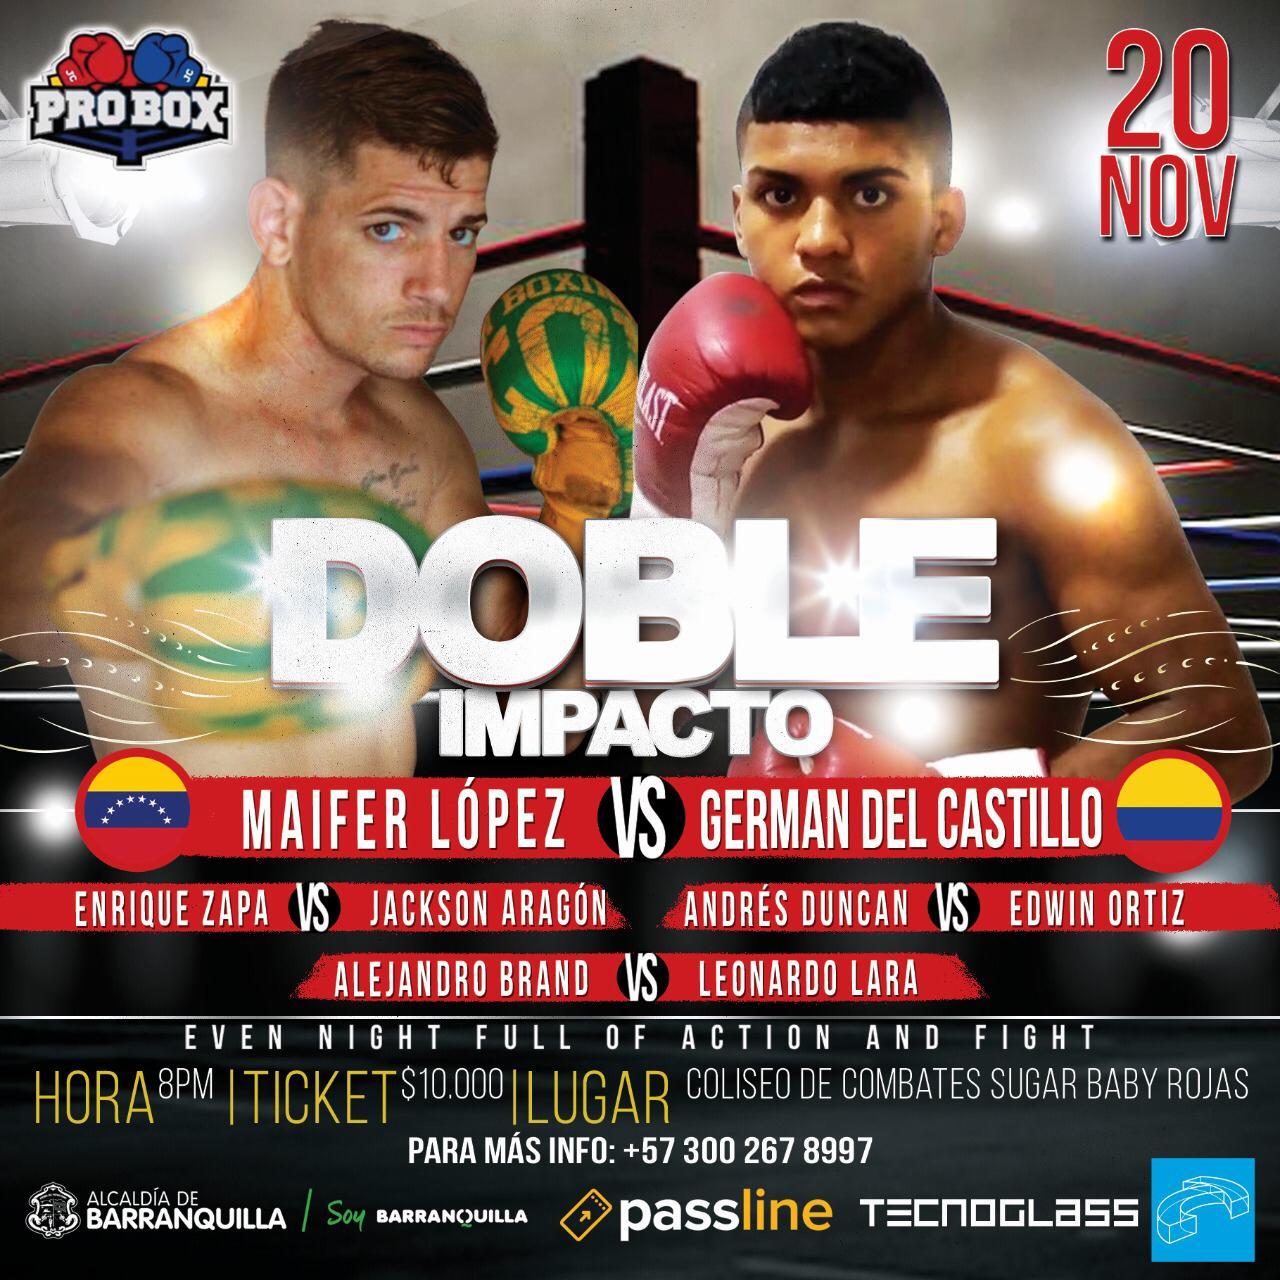 El boxeo ruge hoy en Barraquilla